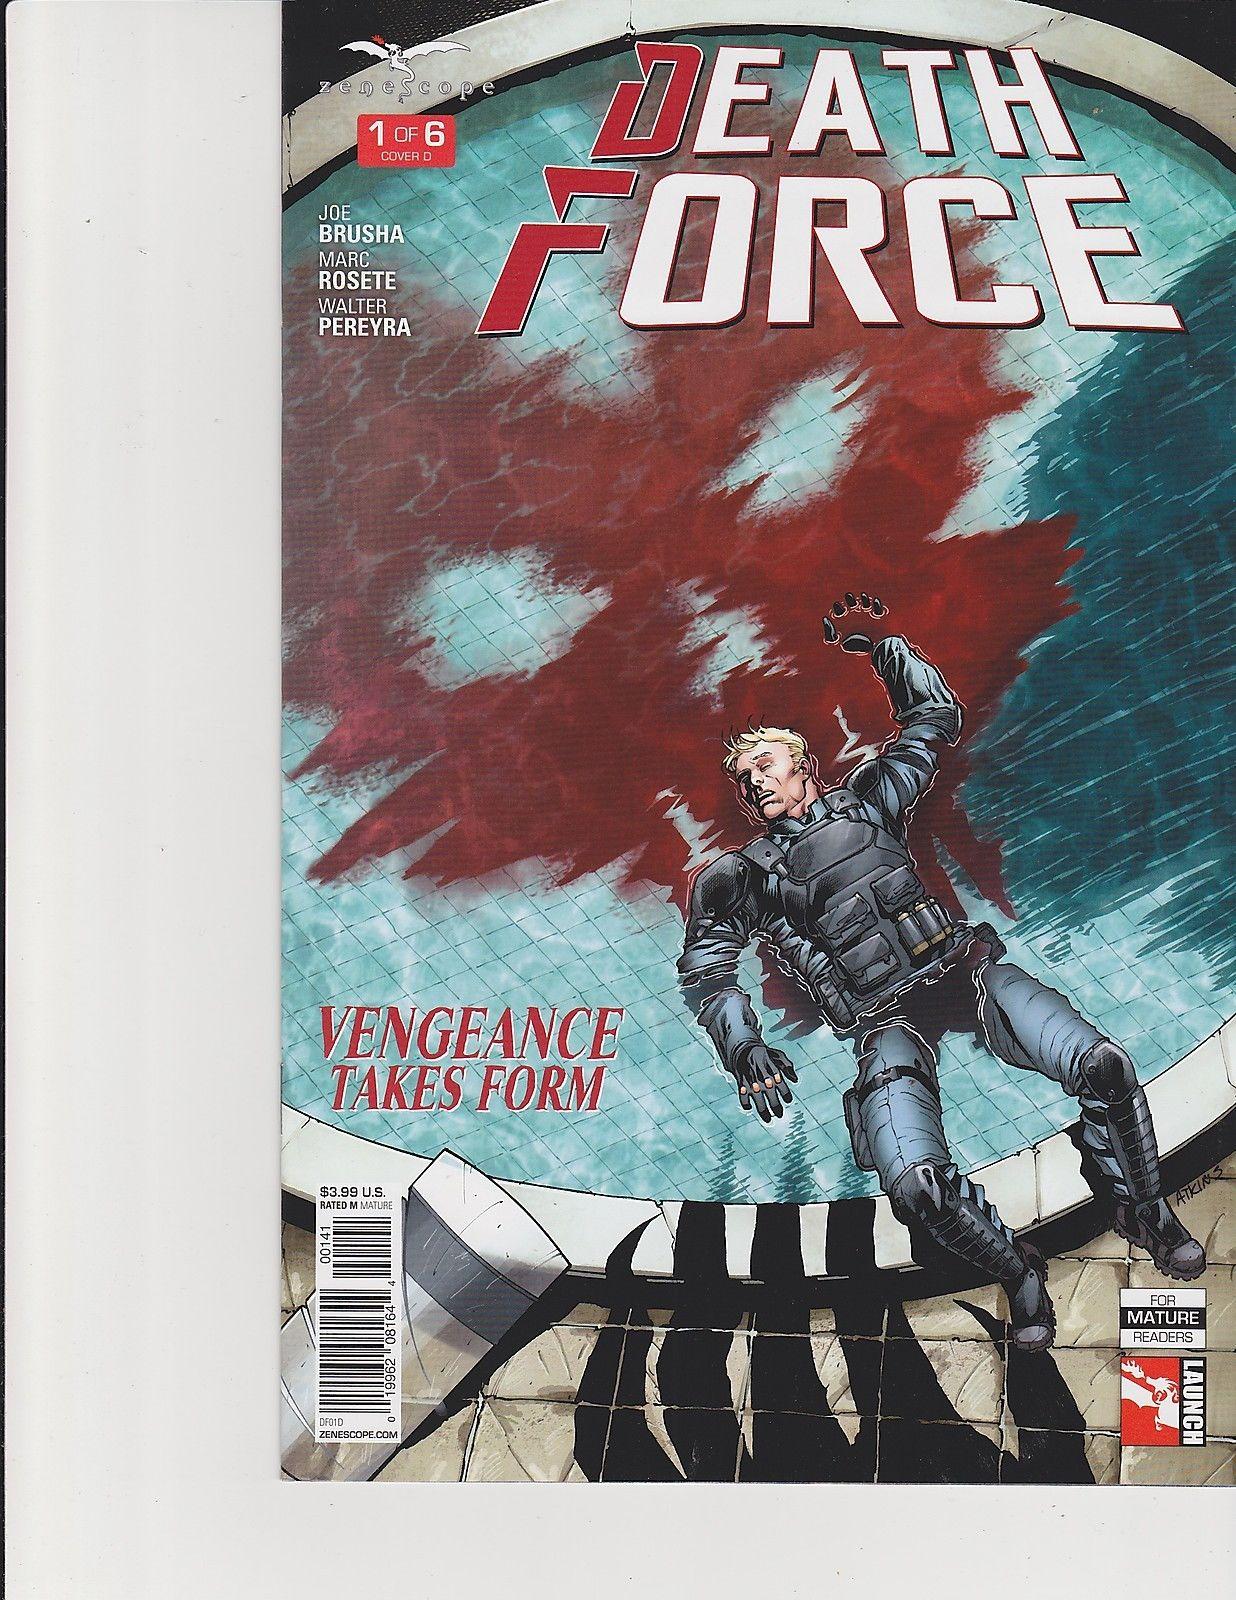 ~ Zenescope comic Death Force #1 1B cover